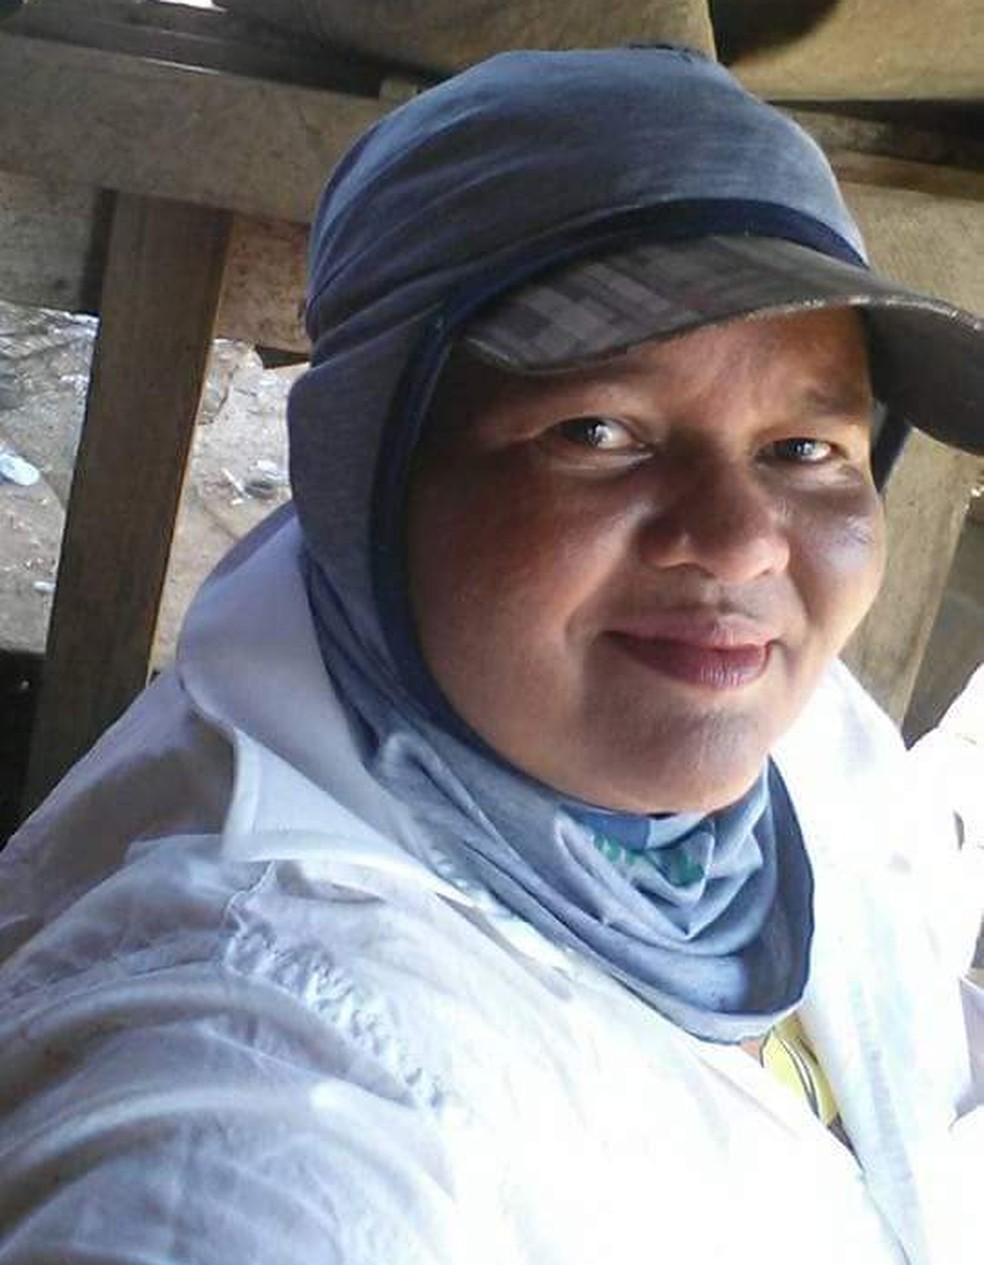 Lúcia Fernandes, de 44 anos, trabalhou por 18 anos como catadora de materiais recicláveis no antigo Lixão da Estrutural  — Foto: Arquivo pessoal